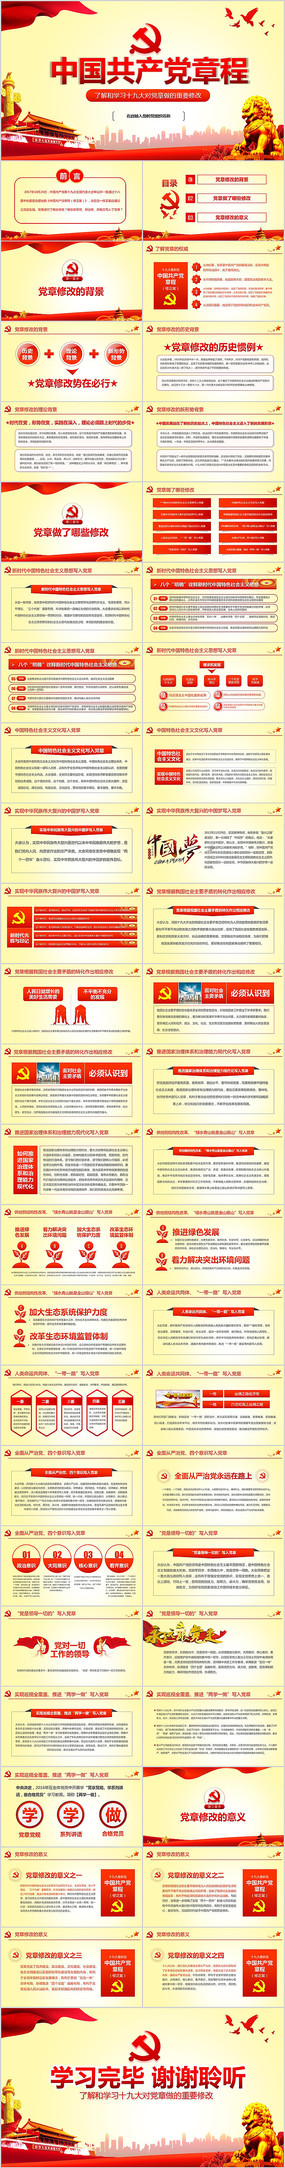 学习党的十九大党章修改新党章PPT